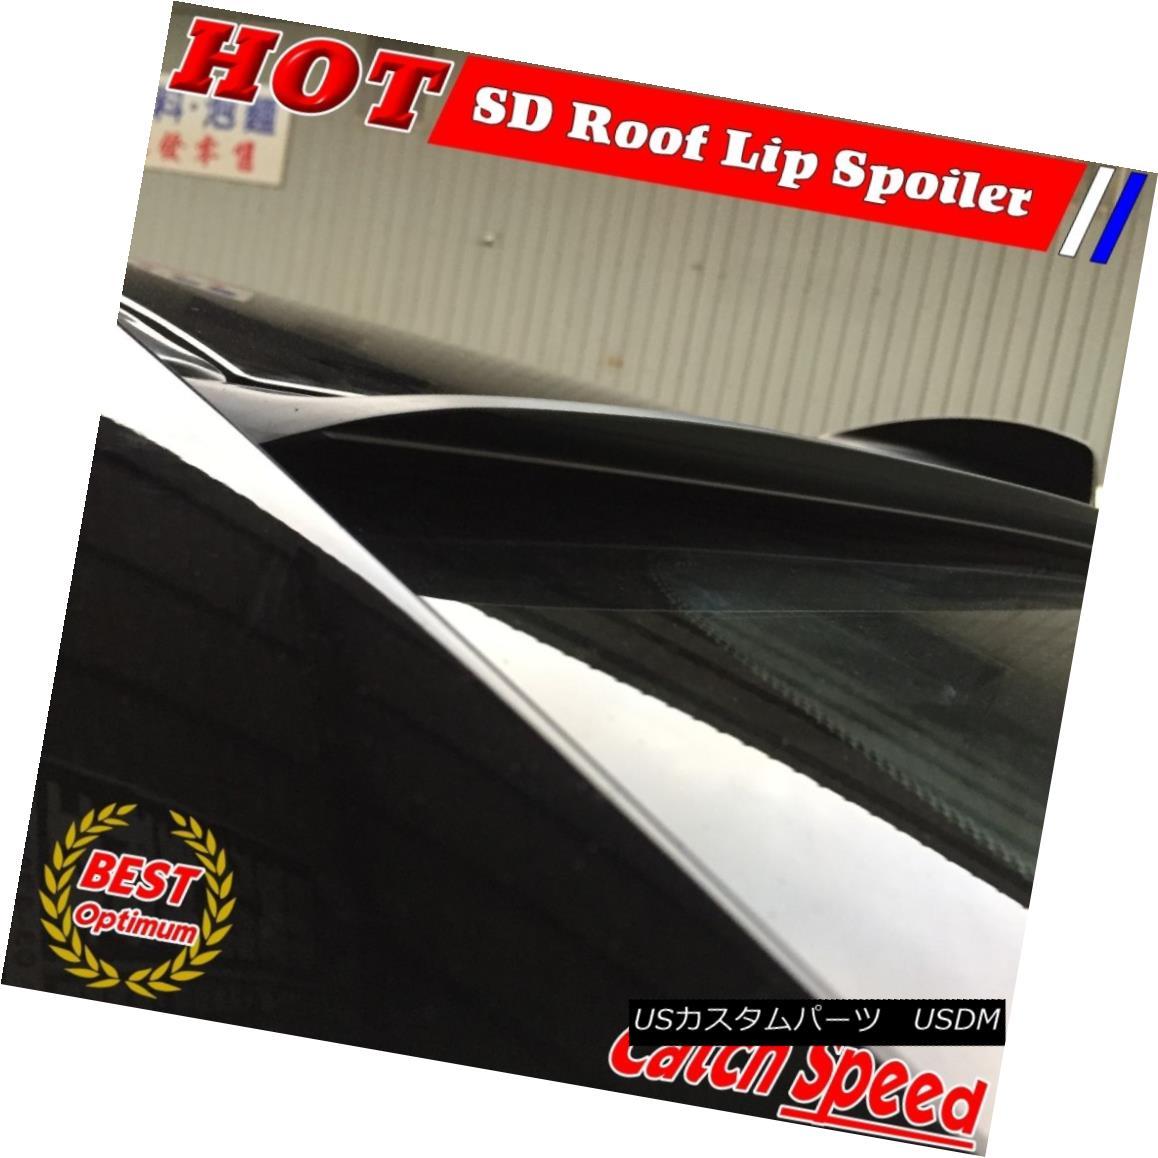 エアロパーツ Painted SD Style Rear Window Roof Spoiler Wing For 2001-2005 Acura EL Sedan 2001?2005年に塗装されたSDスタイルのリアウインドルーフスポイラーウイングアキュラELセダン